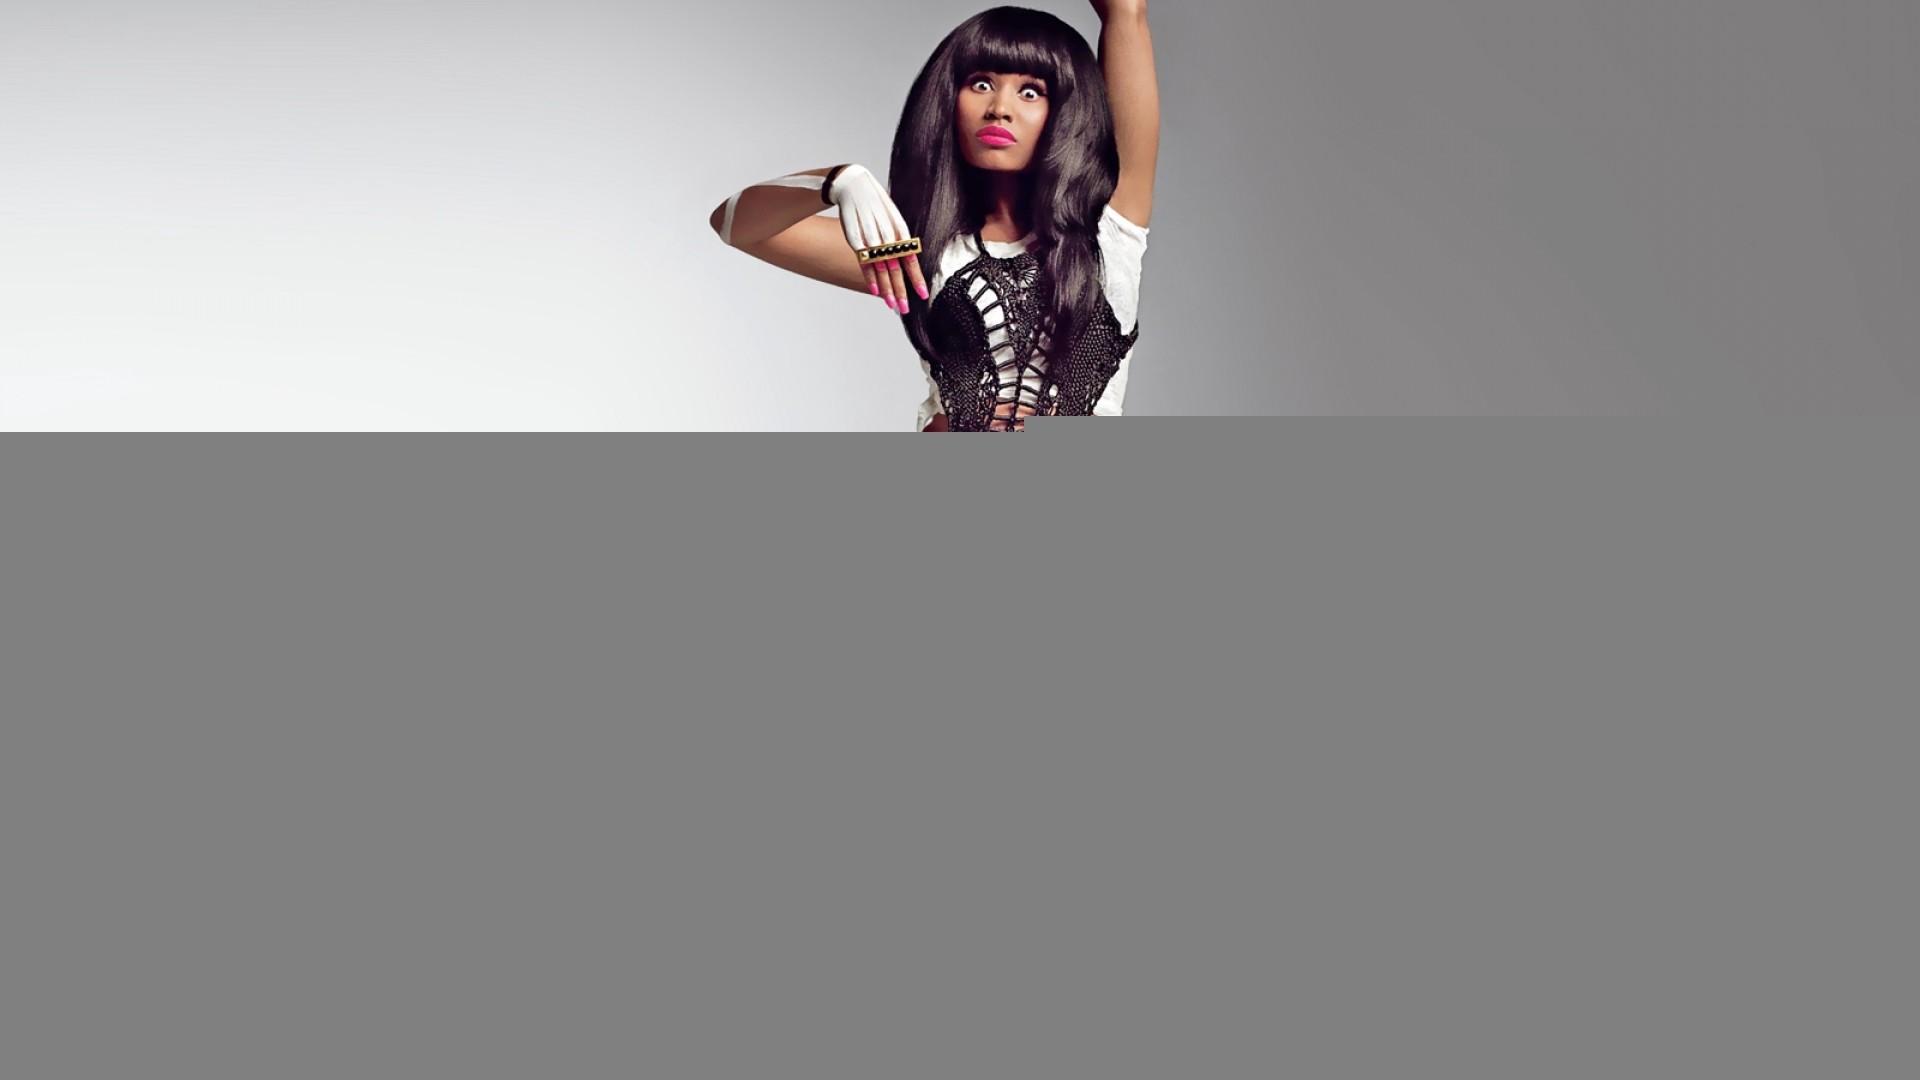 Res: 1920x1080, Nicki Minaj Desktop Backgrounds